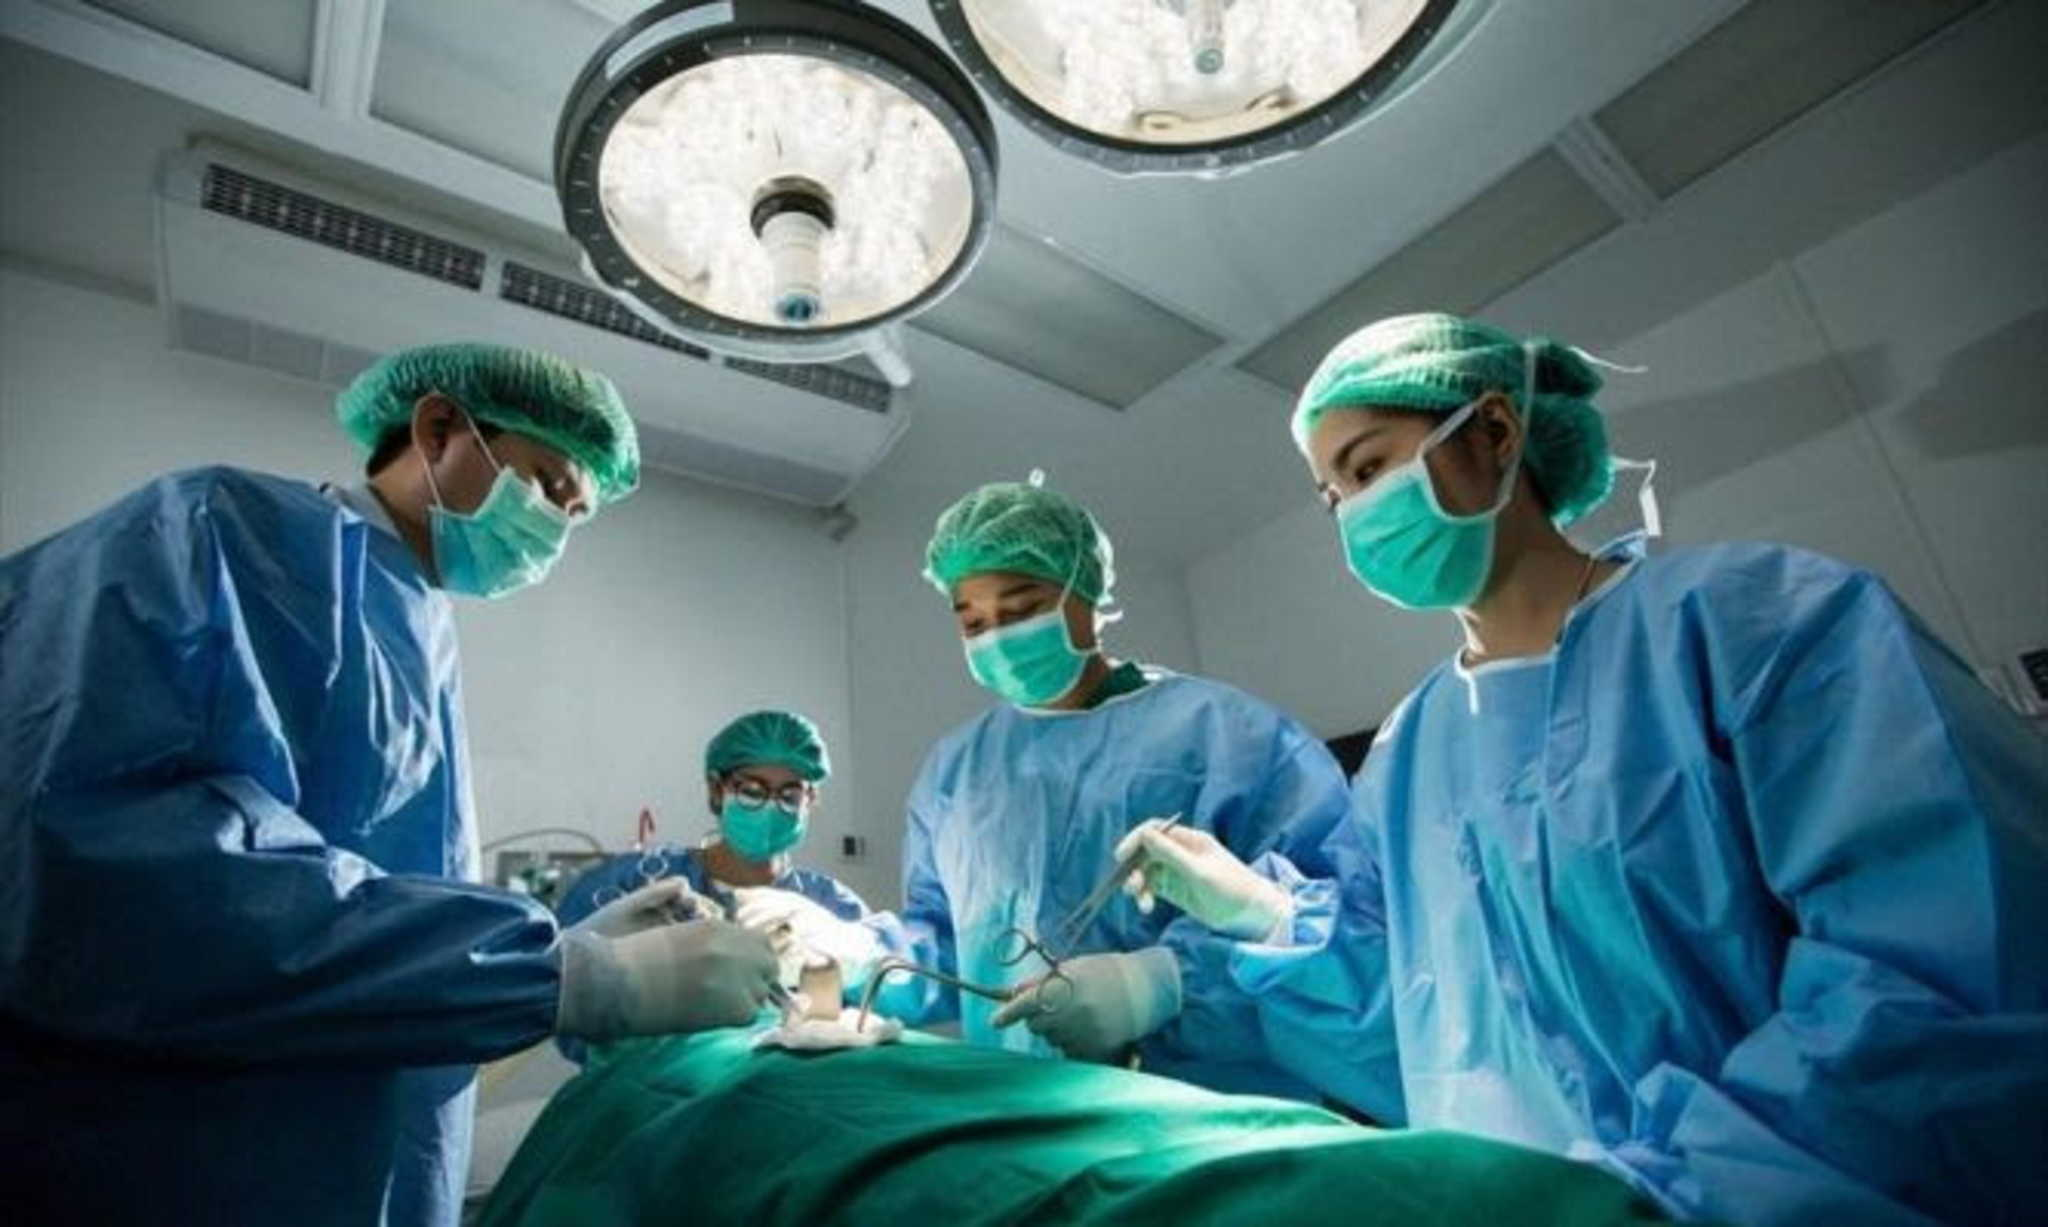 Πάτρα: Στο χειρουργείο με μια σφαίρα να του έχει παραμορφώνει το πρόσωπο – Η μάχη των γιατρών